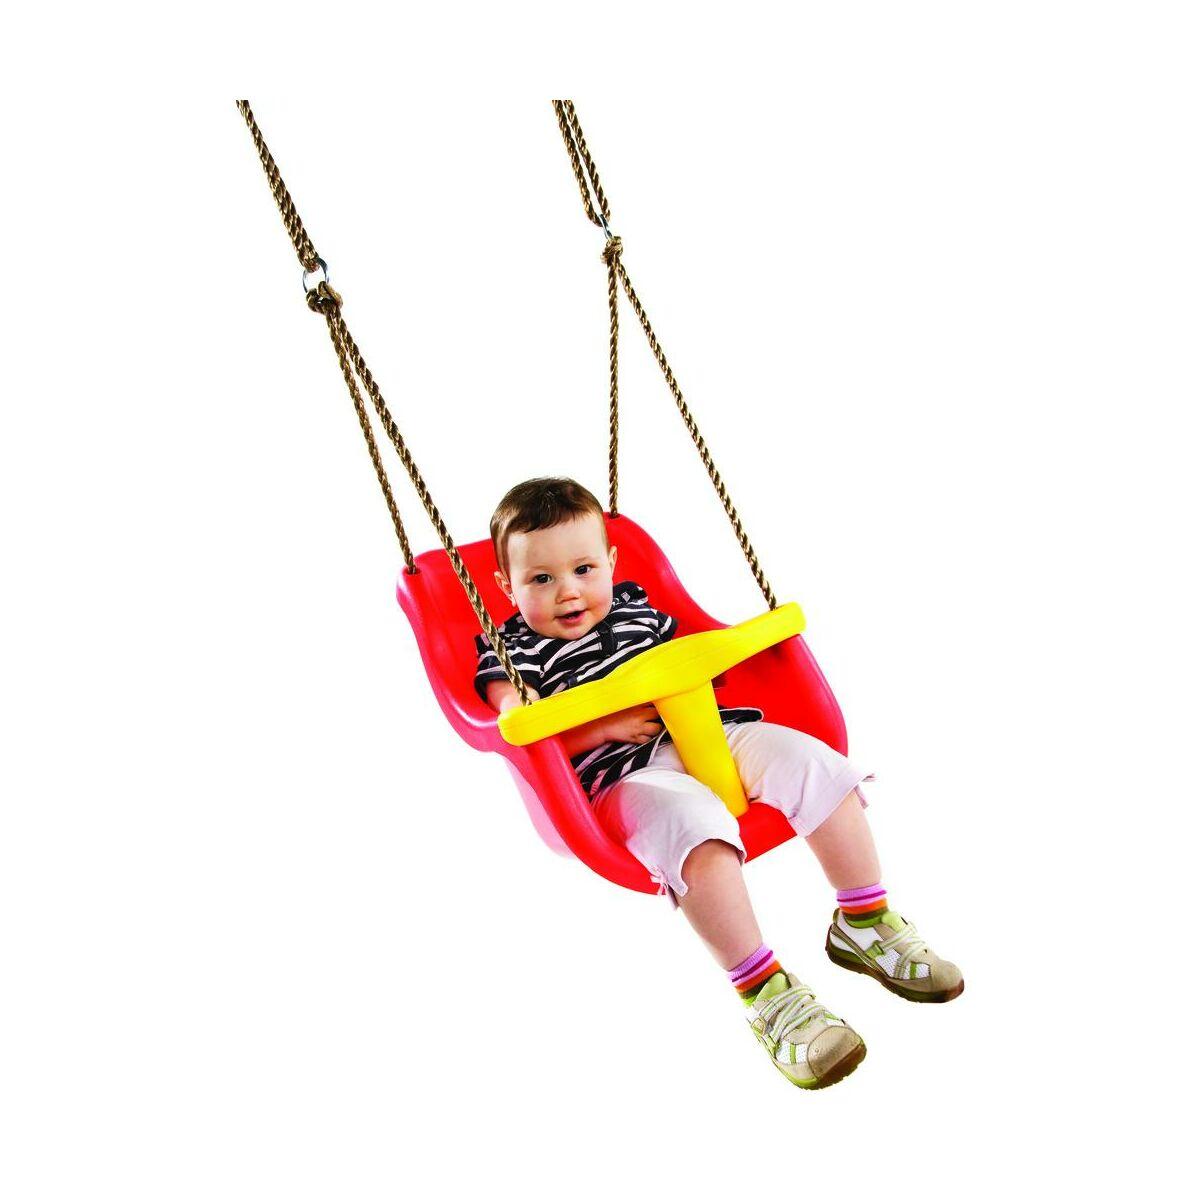 Siedzisko Do Hustawki 13111 Mix Kbt Hustawki Dla Dzieci Bujaki W Atrakcyjnej Cenie W Sklepach Leroy Merlin